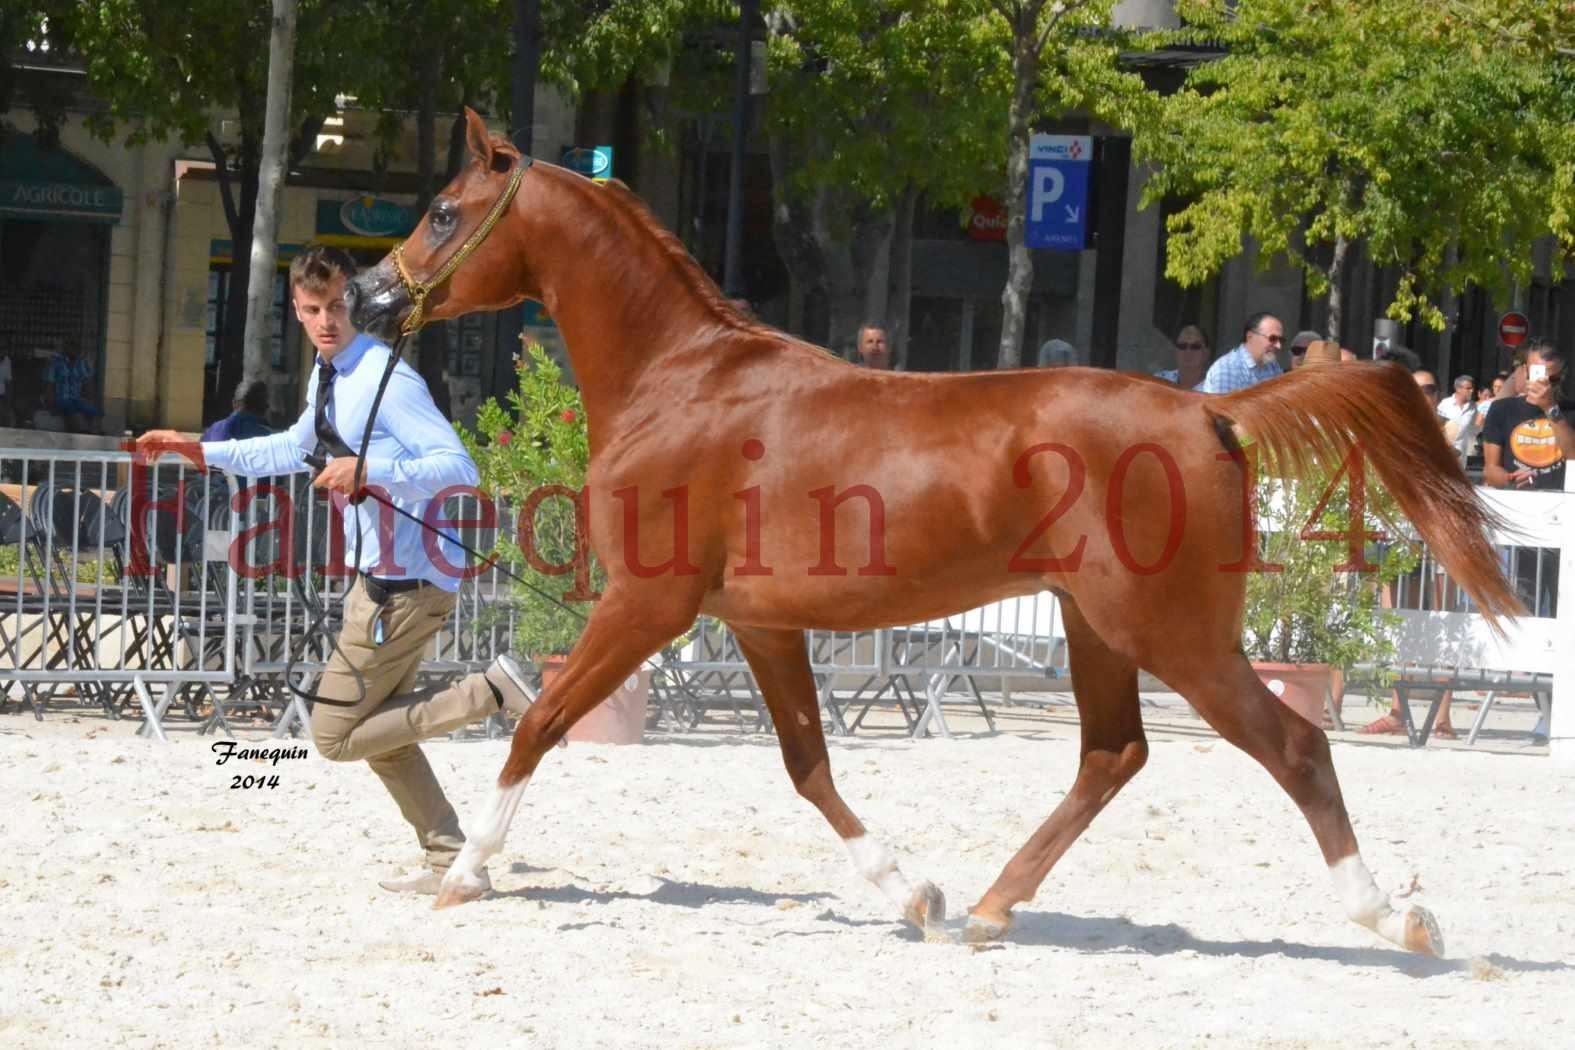 Concours National de Nîmes de chevaux ARABES 2014 - Notre Sélection - DZHARI NUNKI - 03